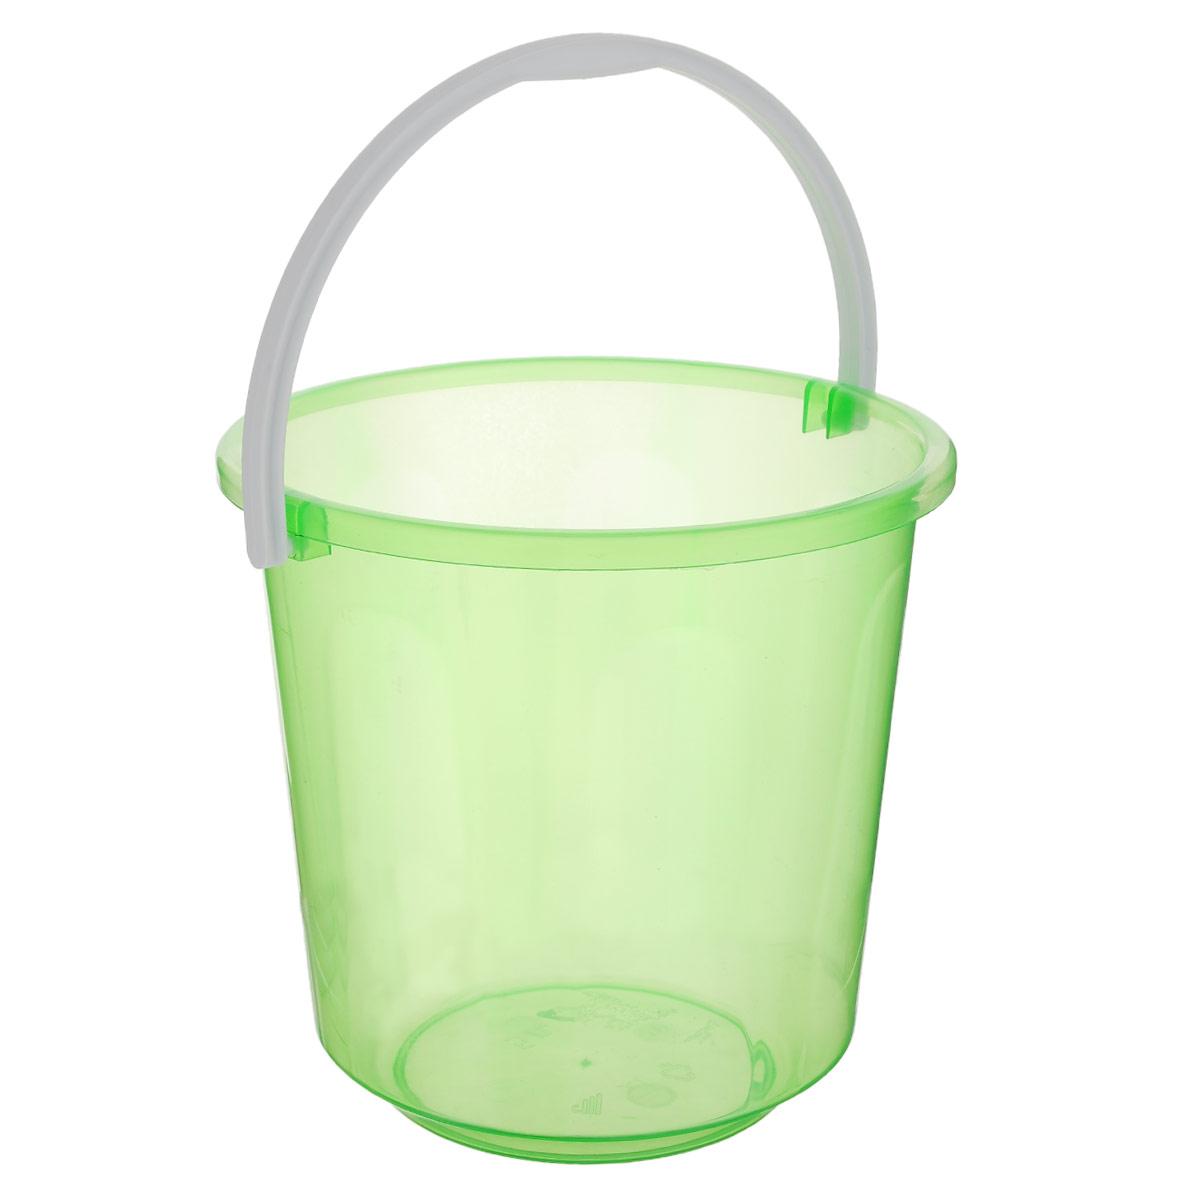 Ведро Альтернатива Хозяюшка, цвет: зеленый, 5 лМ1182_зеленыйВедро Альтернатива Хозяюшка изготовлено из высококачественного цветного пластика. Оно легче железного и не подвержено коррозии. Ведро оснащено удобной пластиковой ручкой. Такое ведро станет незаменимым помощником в хозяйстве. Высота: 21 см. Диаметр: 21 см.